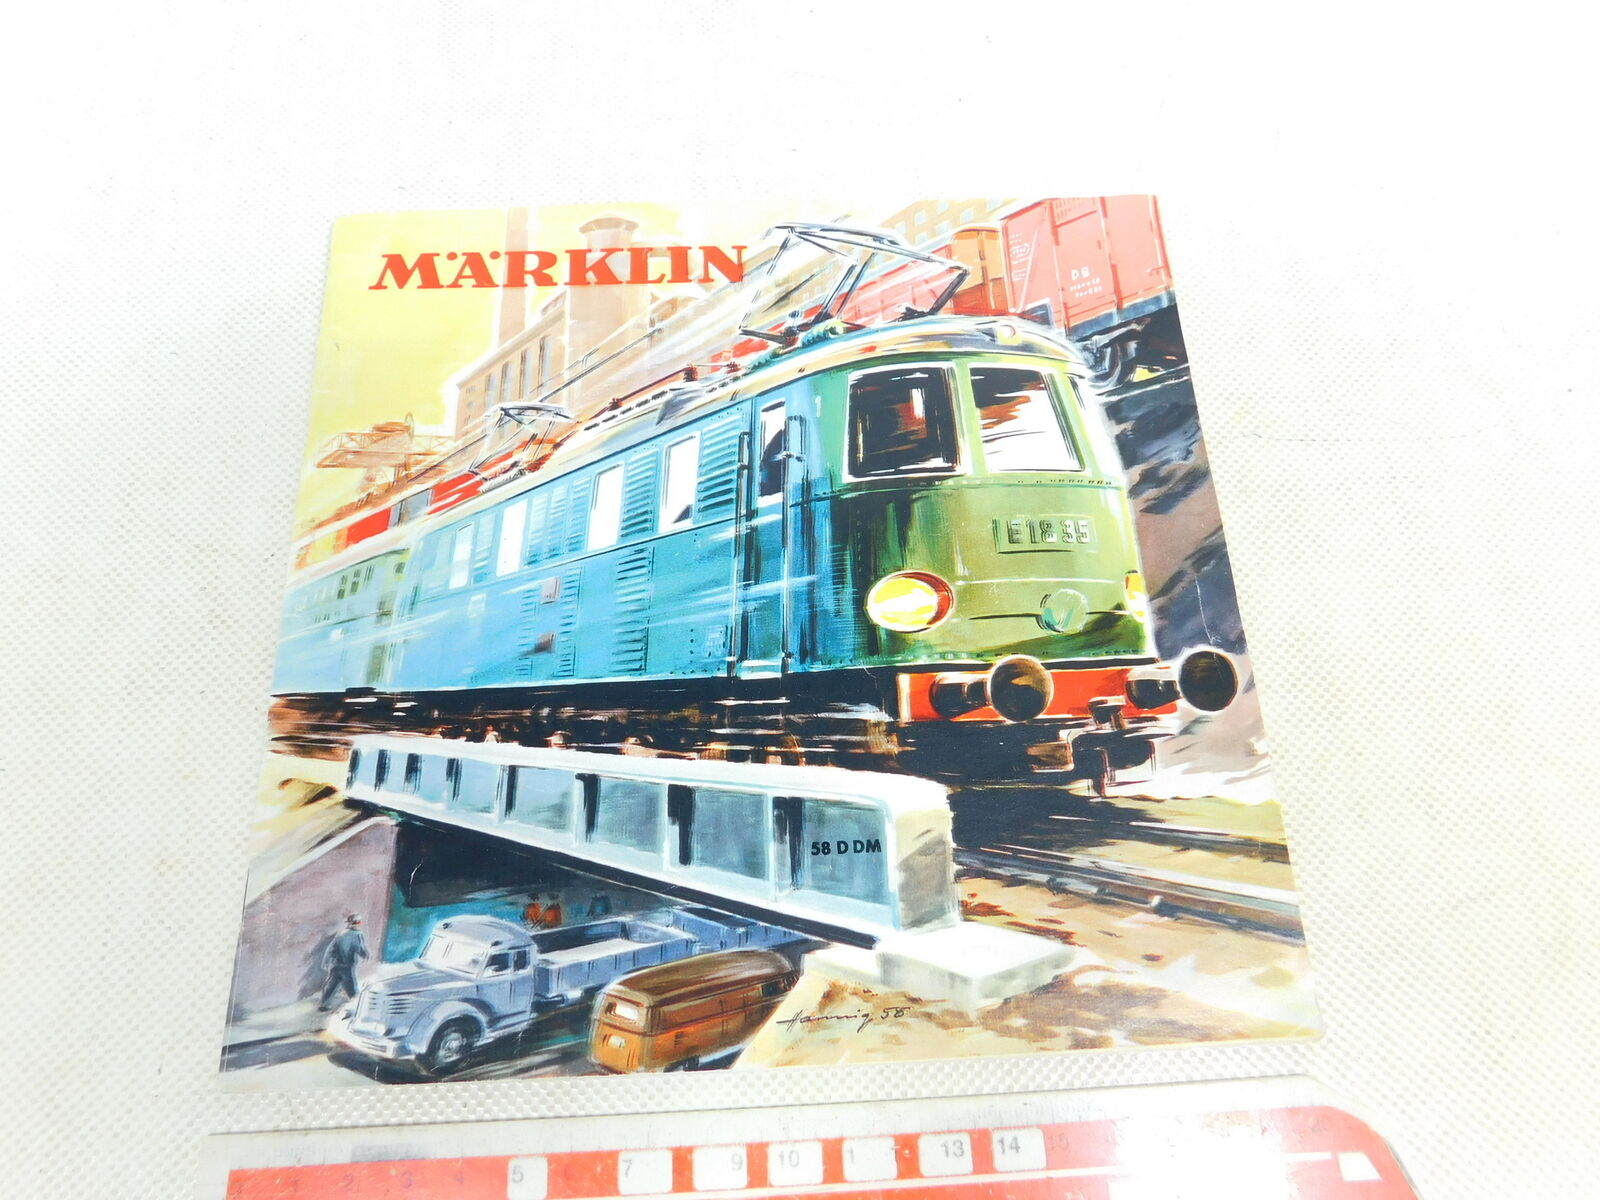 Bw291-0, 5  Märklin h0 00 catálogo 58 d dm sin cupón  metallbaukasten, etc.